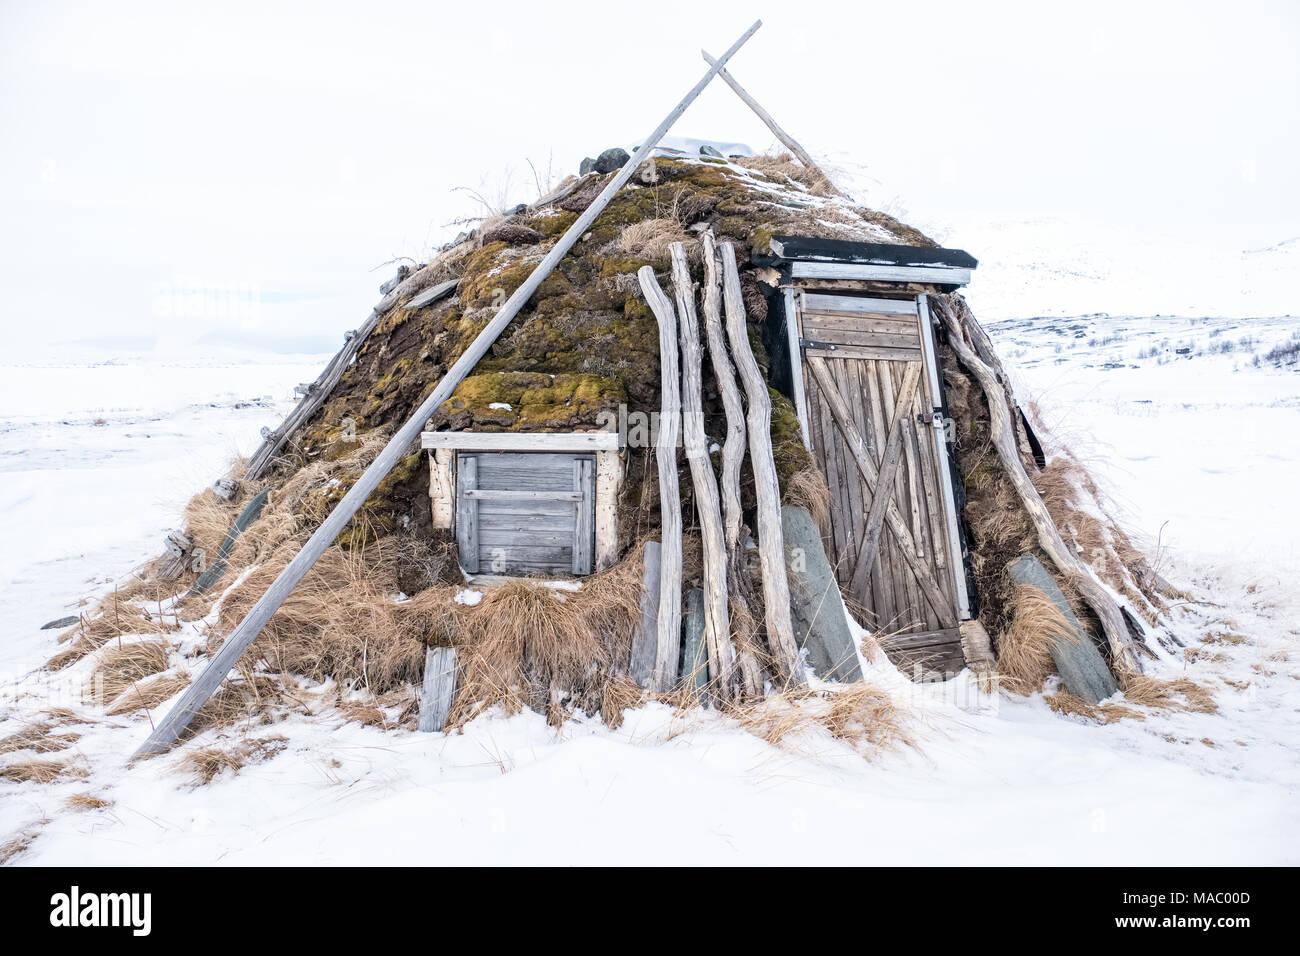 Un goahti ( tradizionale baita lappone ) in un villaggio Sami in Svezia Immagini Stock